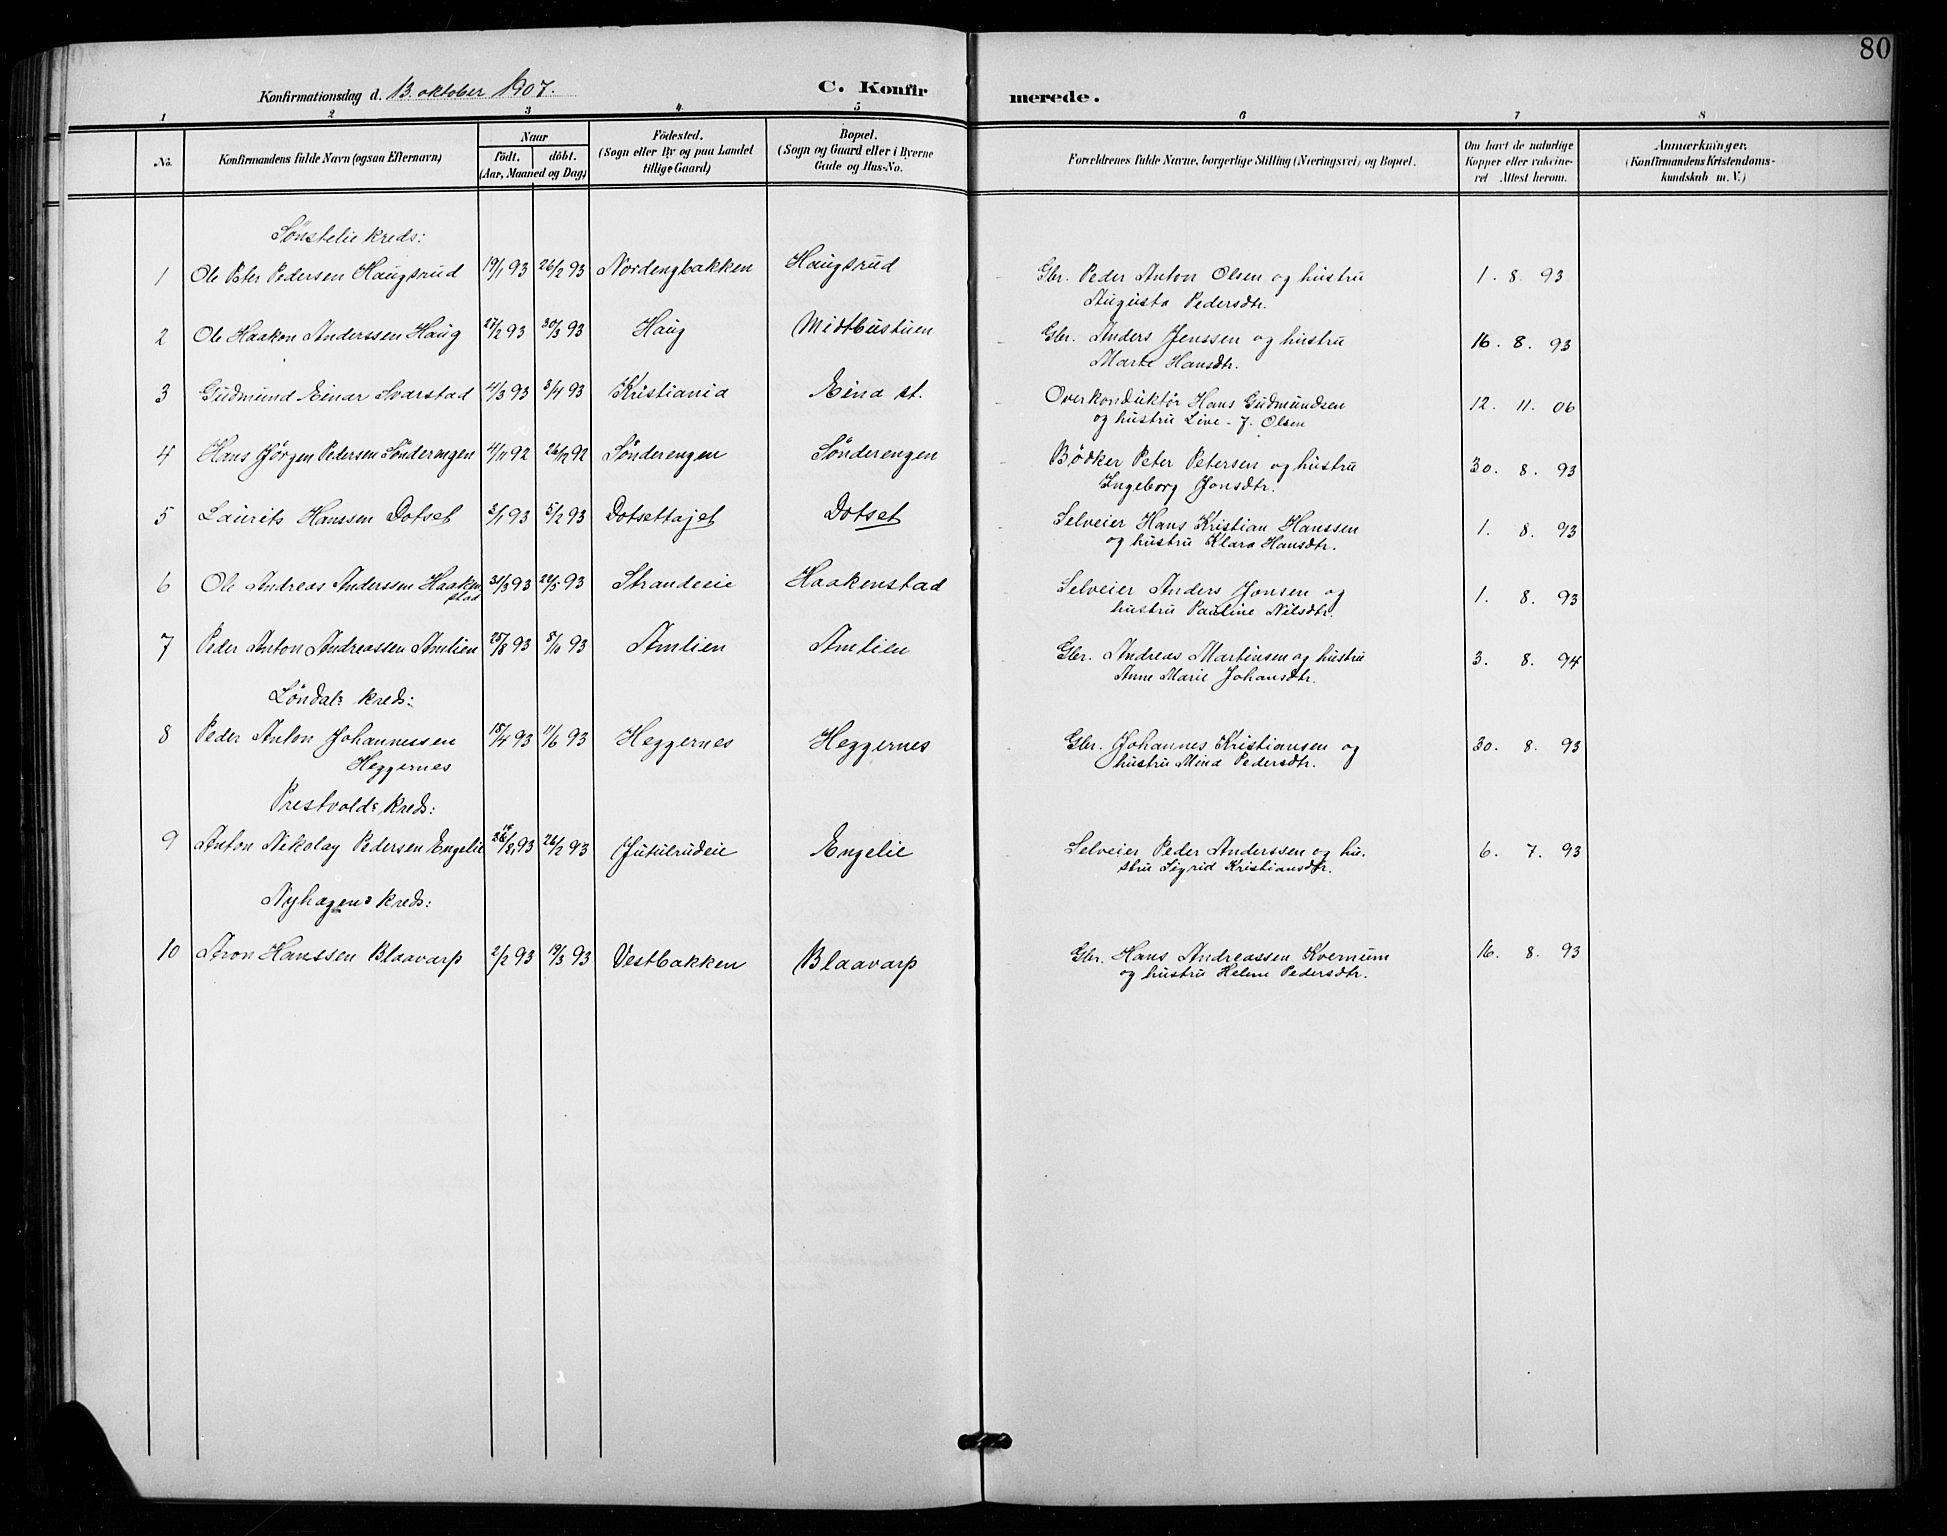 SAH, Vestre Toten prestekontor, H/Ha/Hab/L0016: Klokkerbok nr. 16, 1901-1915, s. 80